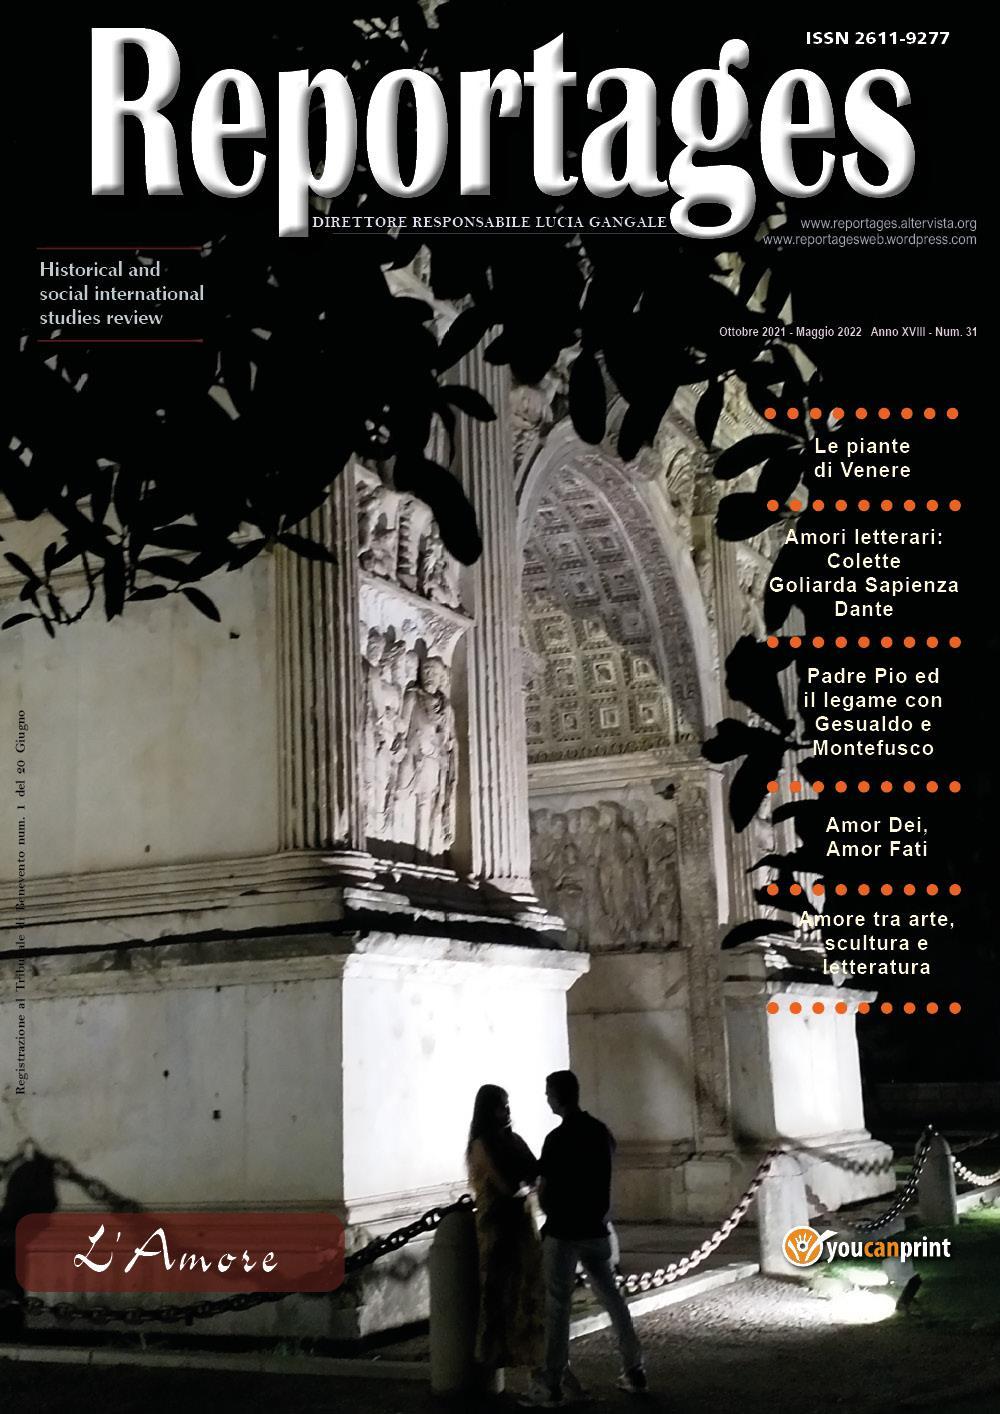 Reportages Storia & Società 31